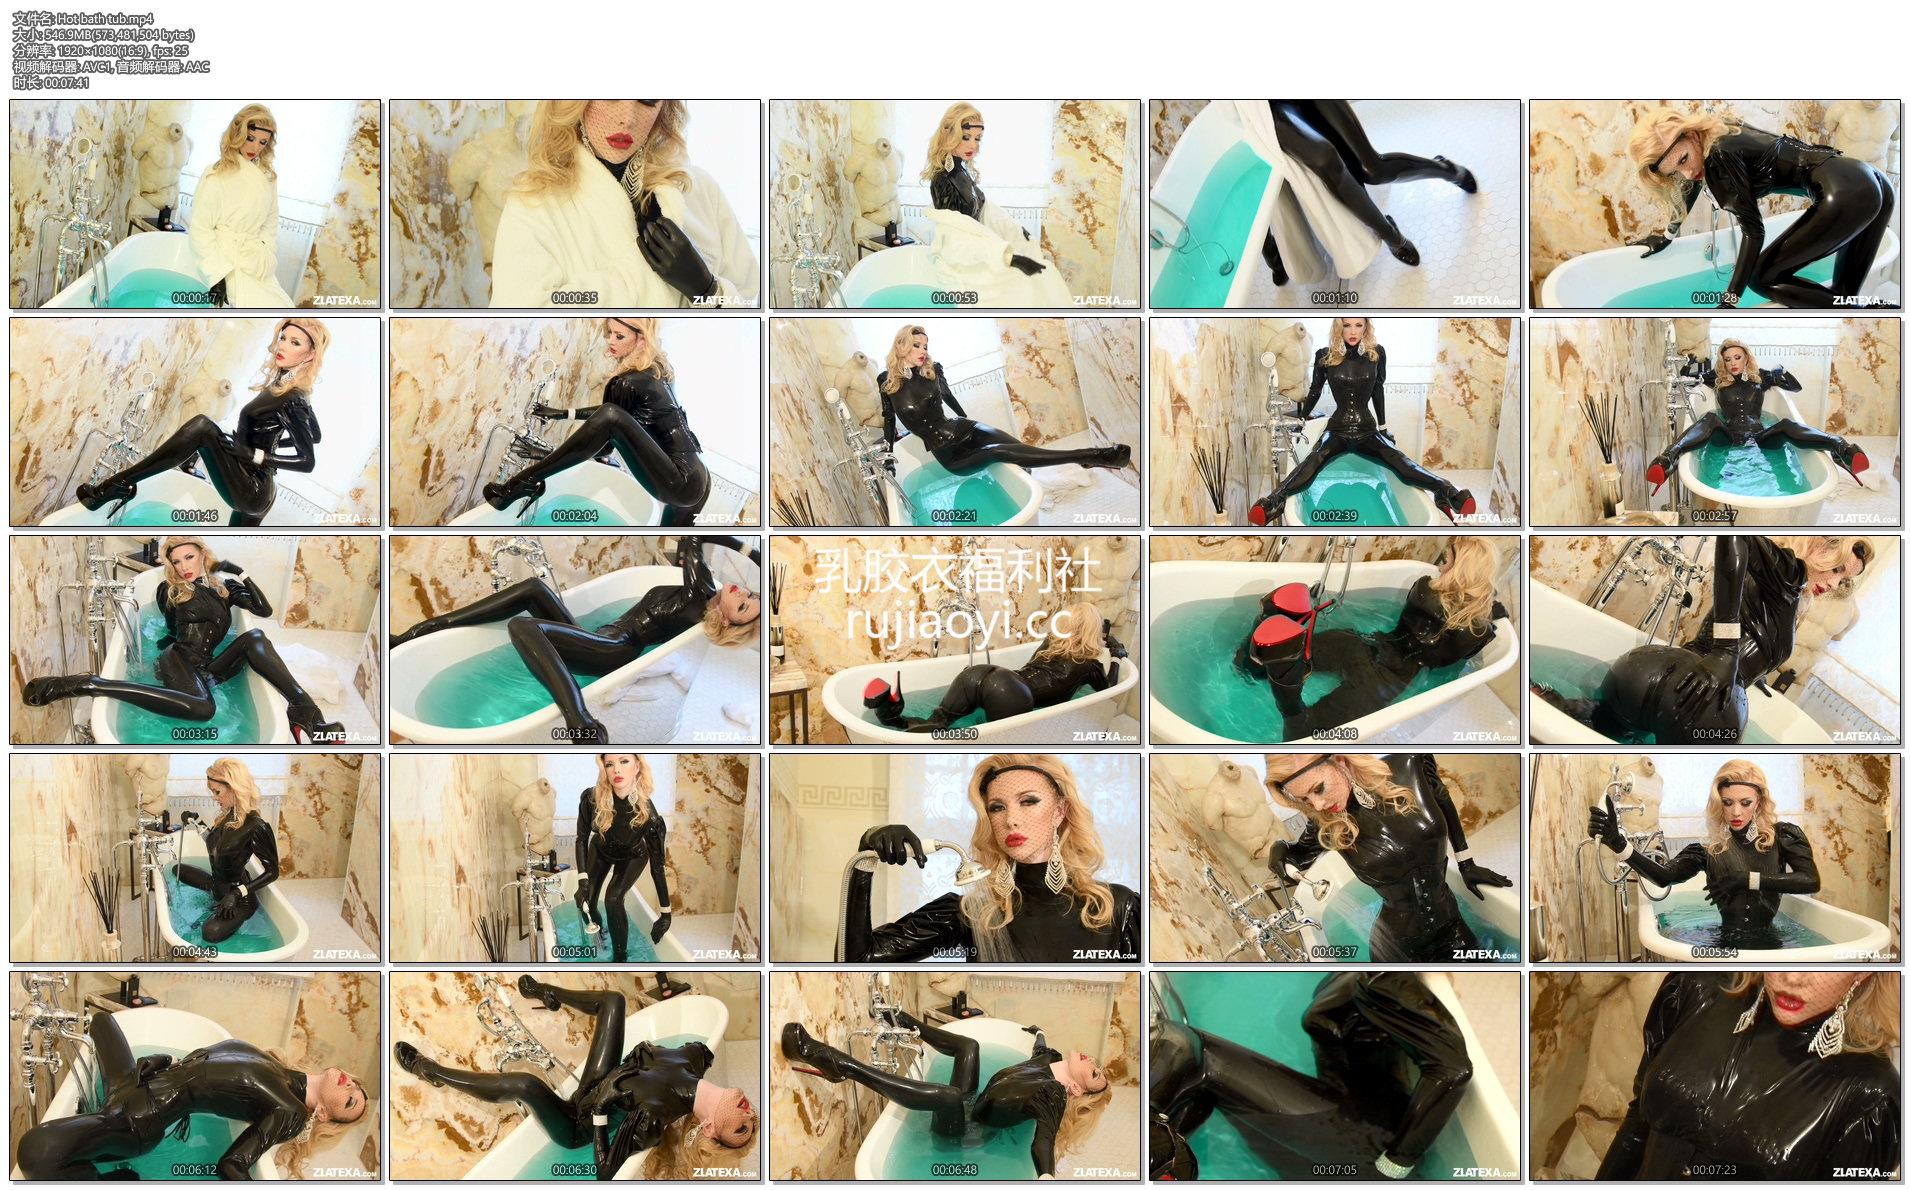 [永V专享-独家精品乳胶衣视频] 高跟乳胶衣美女在浴缸诱惑妙不可言-1080p高清视频 [1V/546M]